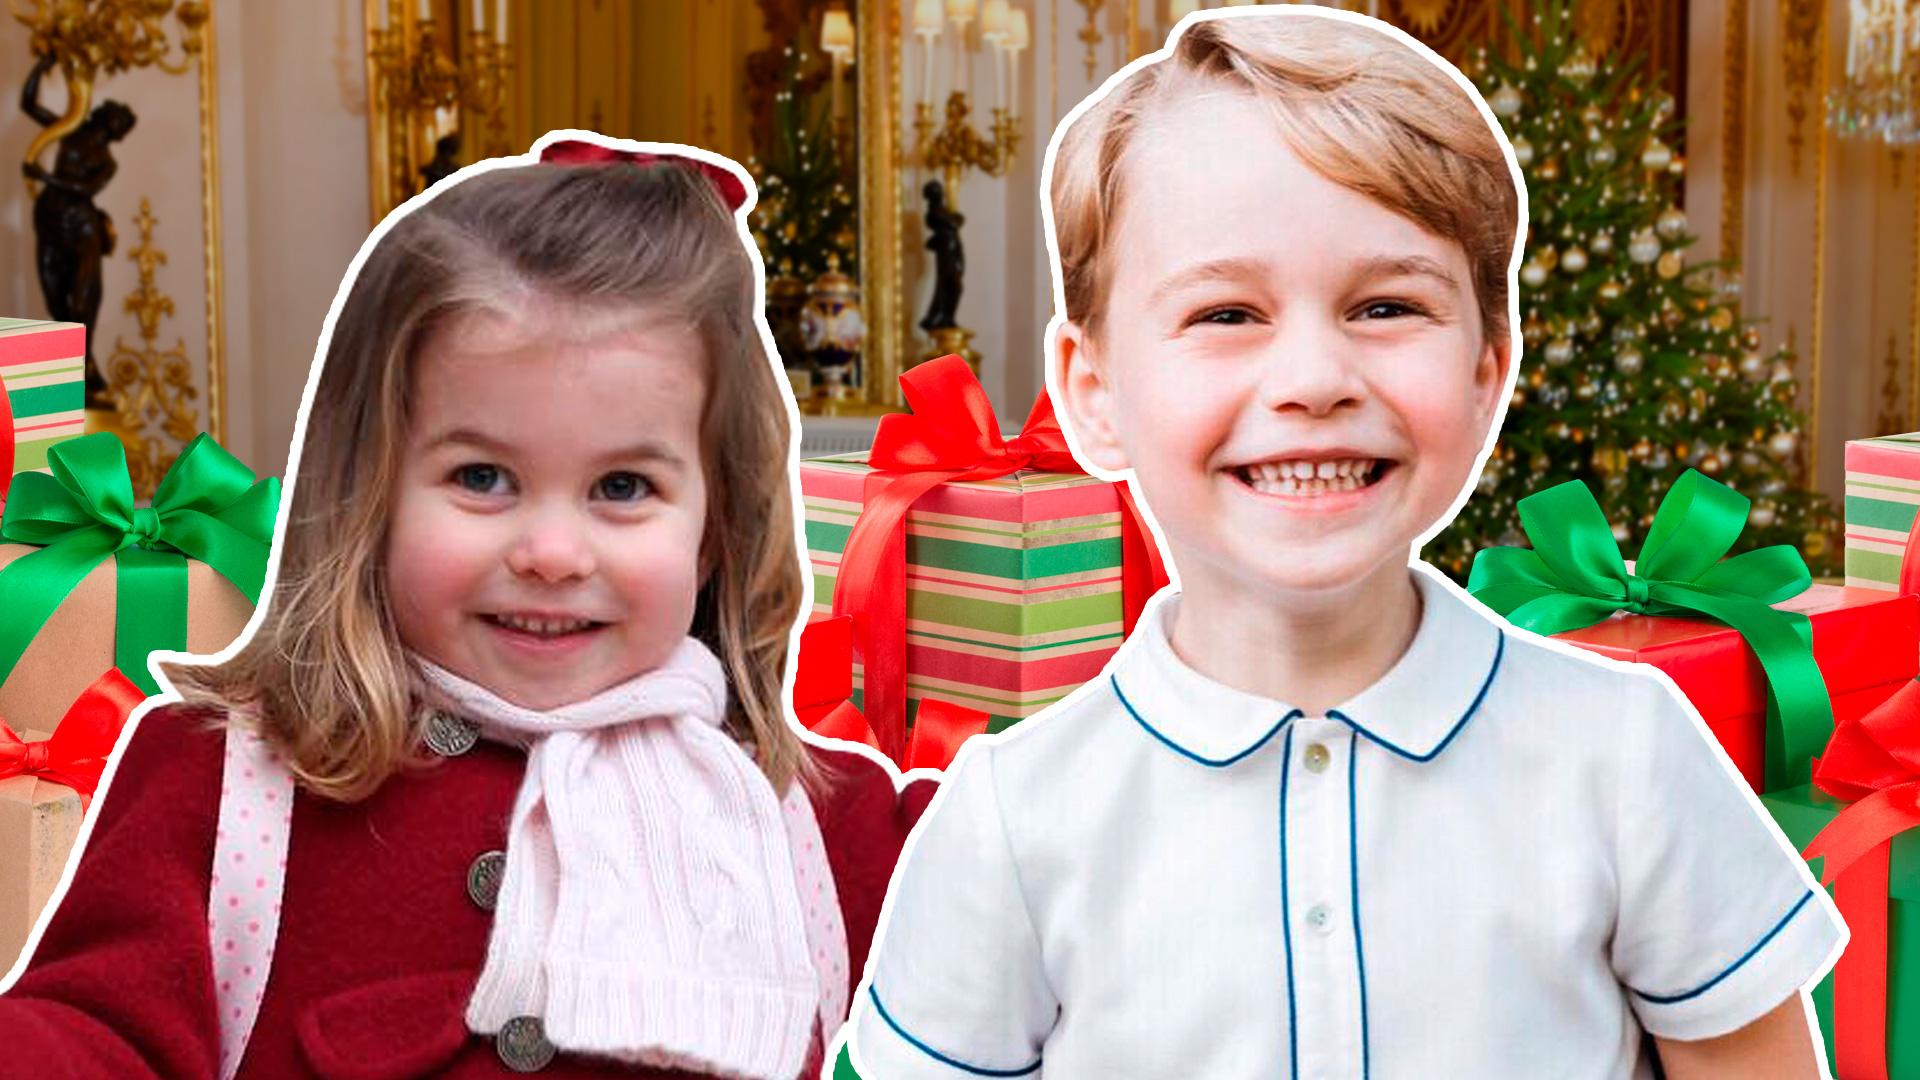 Los príncipes George y Charlotte rompieron la tradición navideña, confirmó Kate Middleton